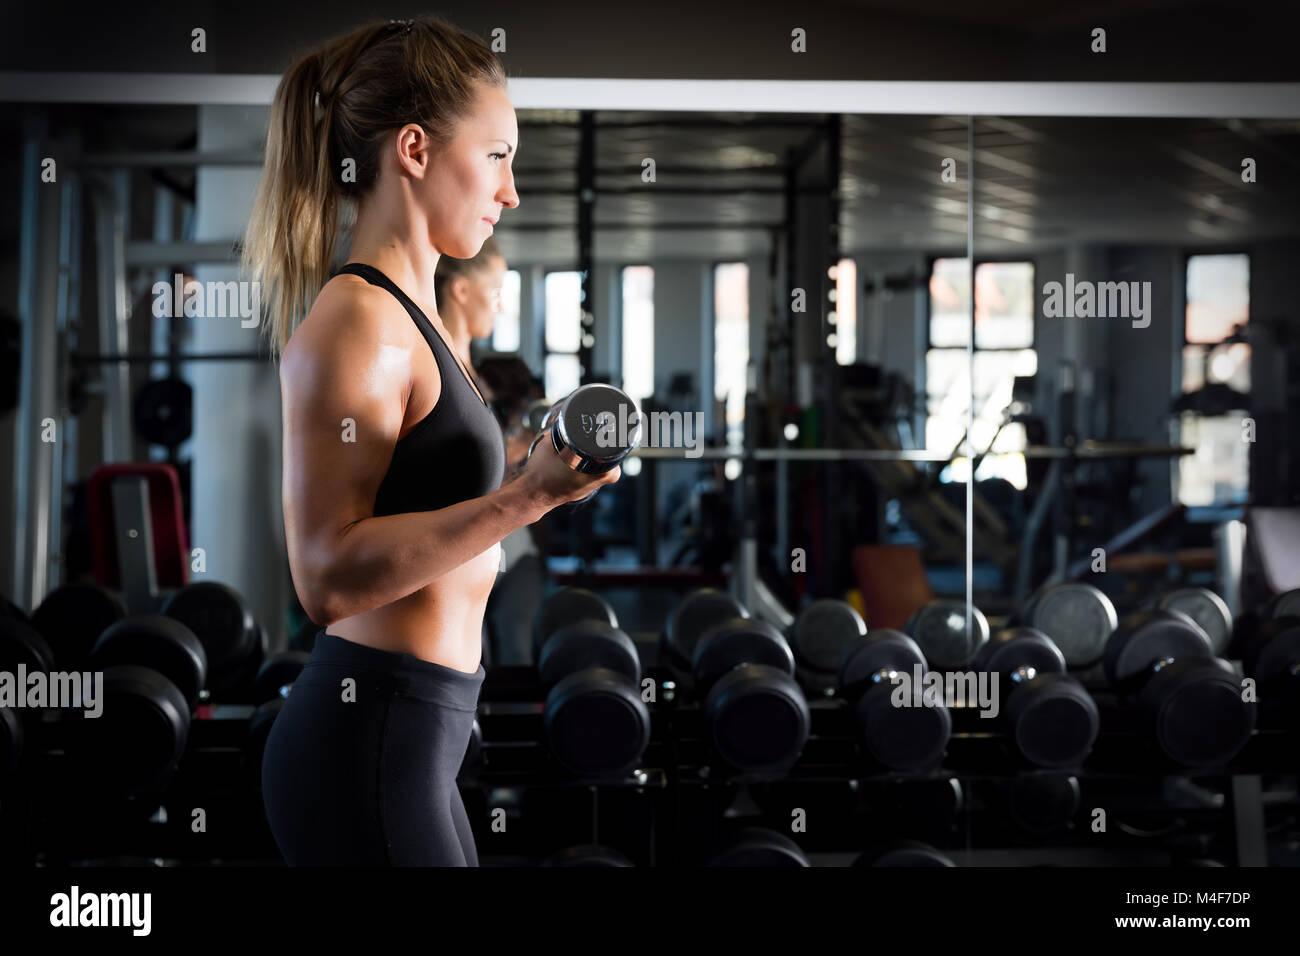 Mujer atractiva de levantamiento de pesas en el gimnasio. Imagen De Stock